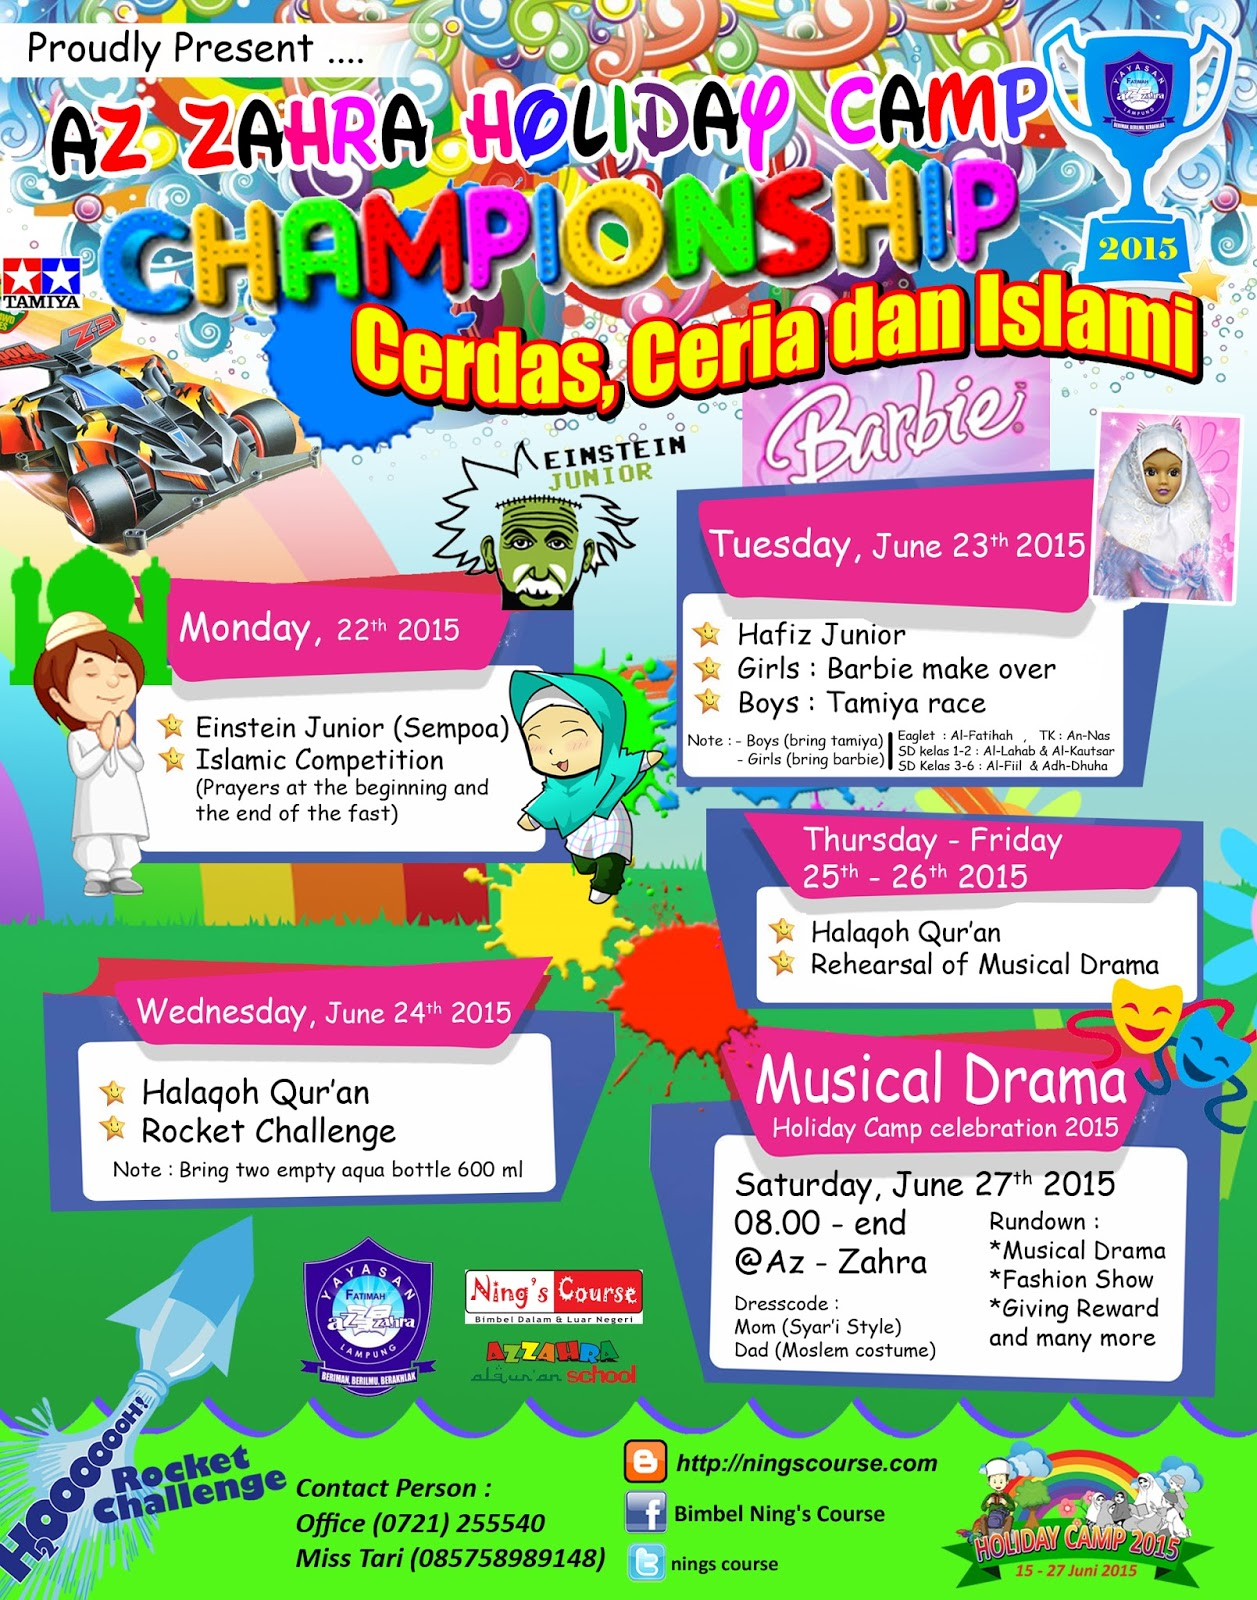 Agenda Holiday Camp 2015 Pekan Kedua Bimbingan Belajar Ning S